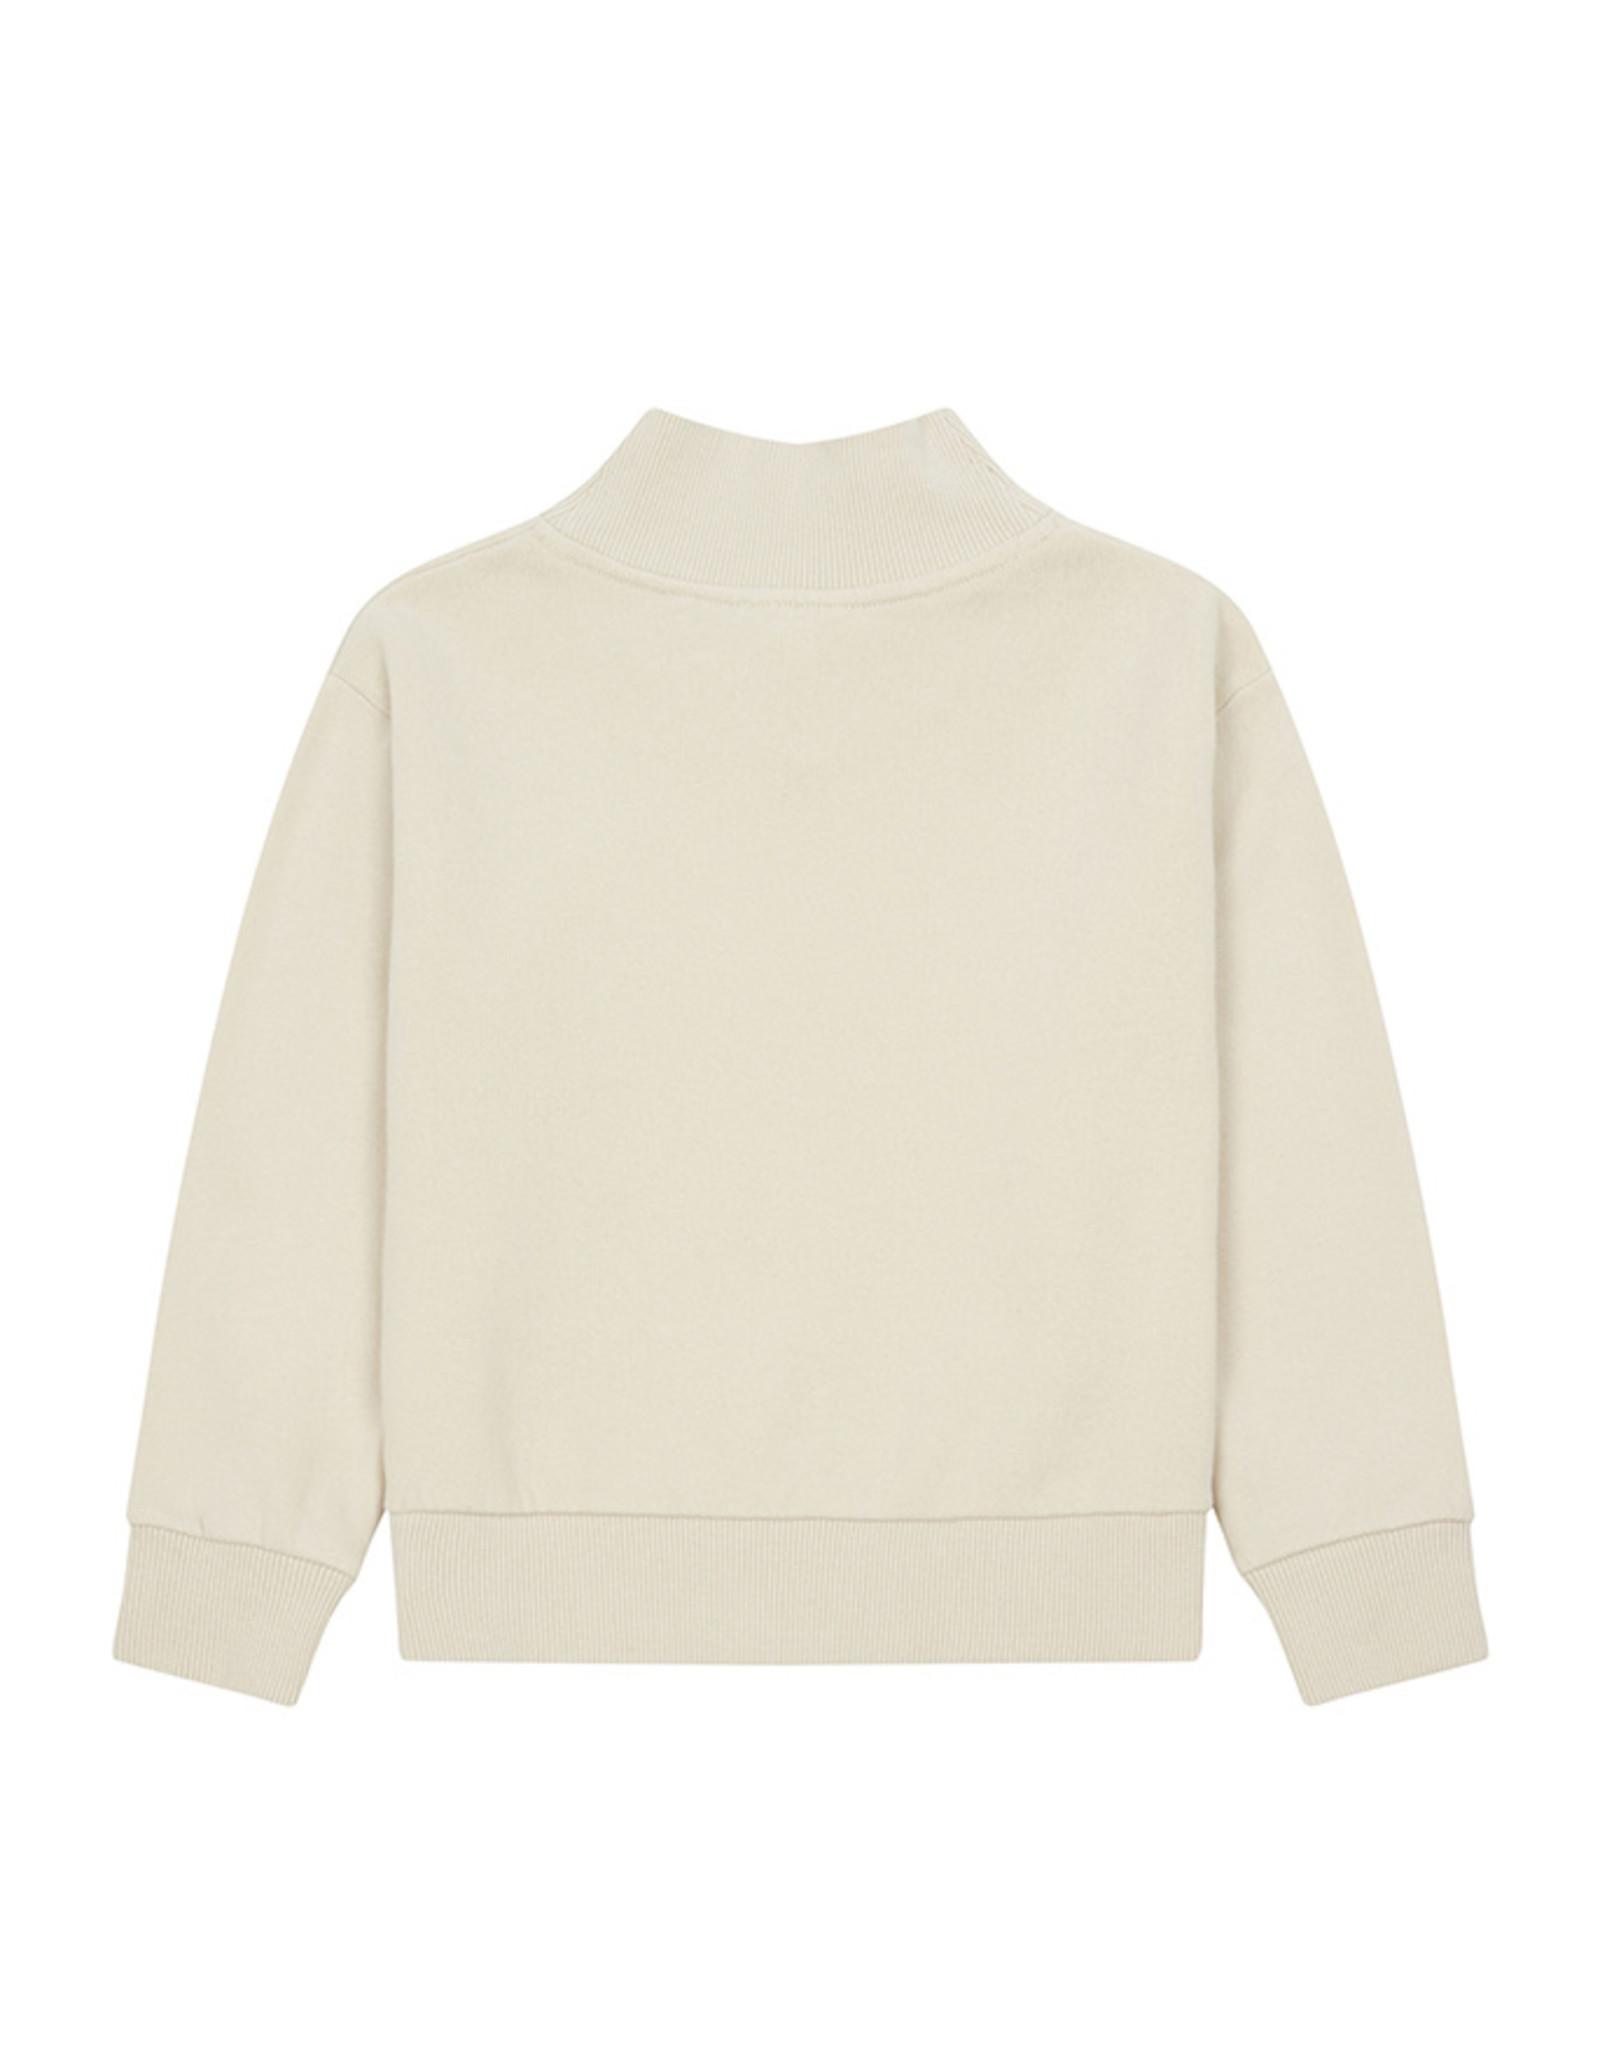 Your crew sweatshirt beige